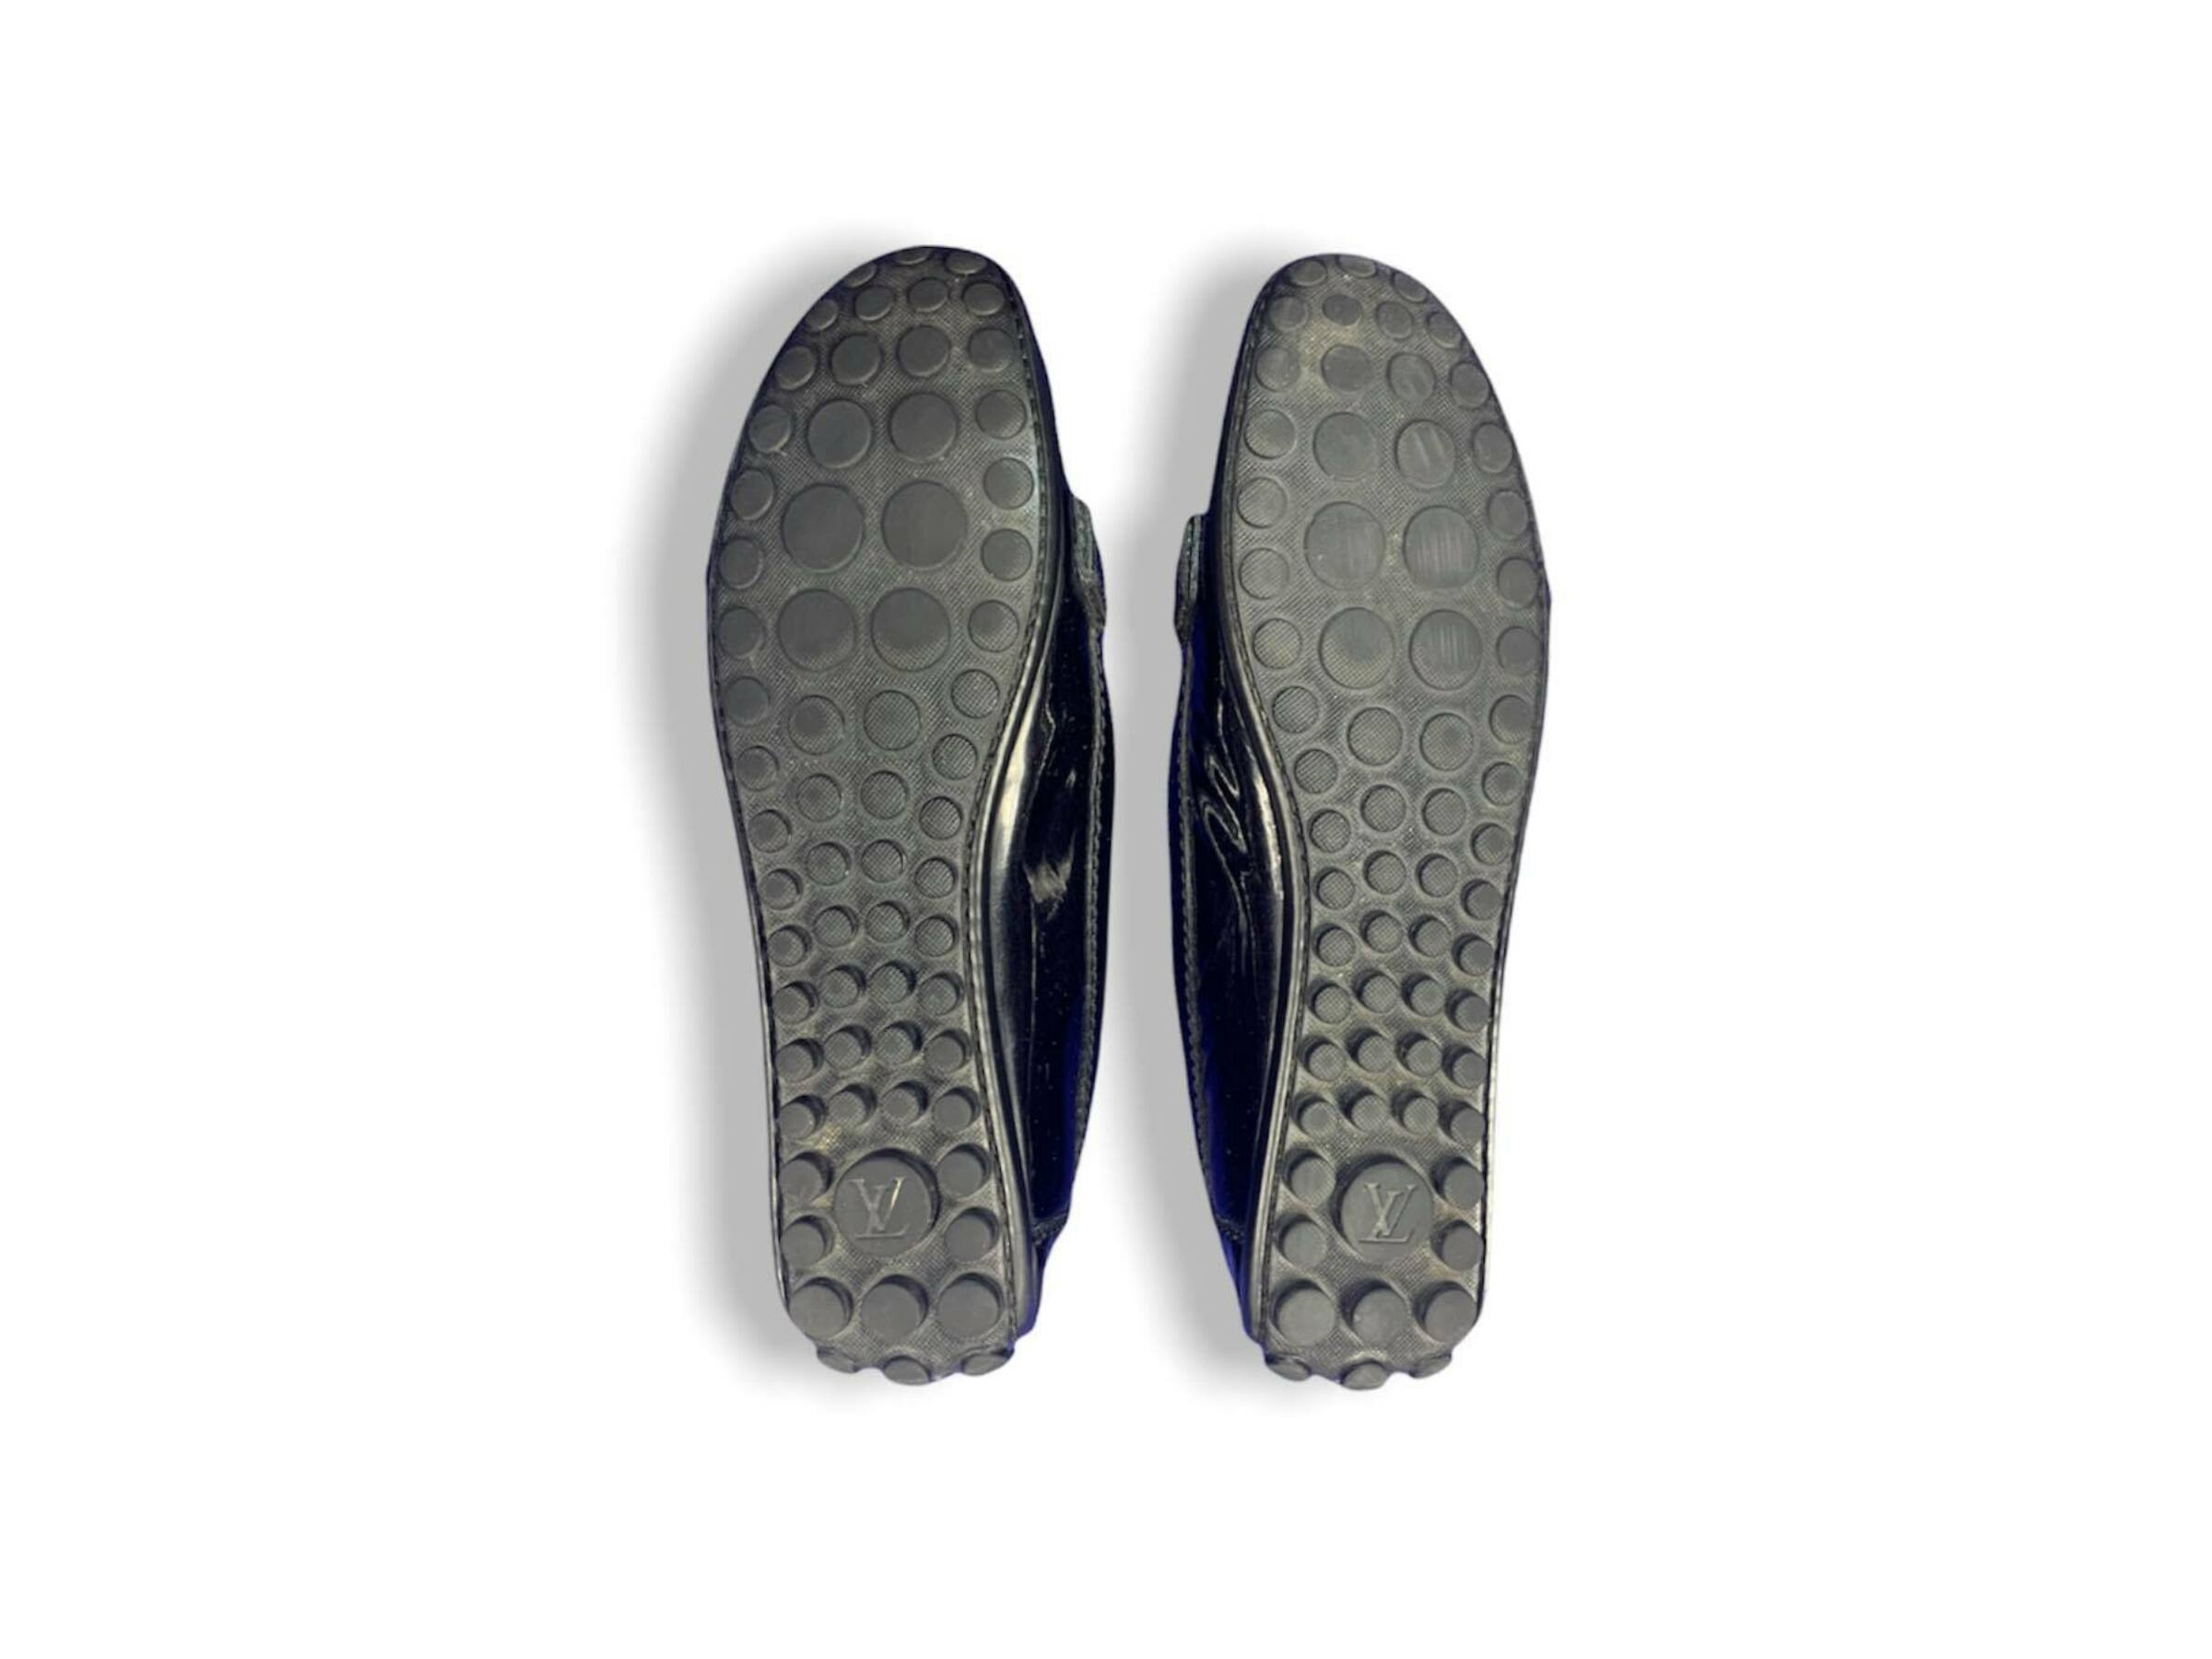 Louis Vuitton cipő (38,5)